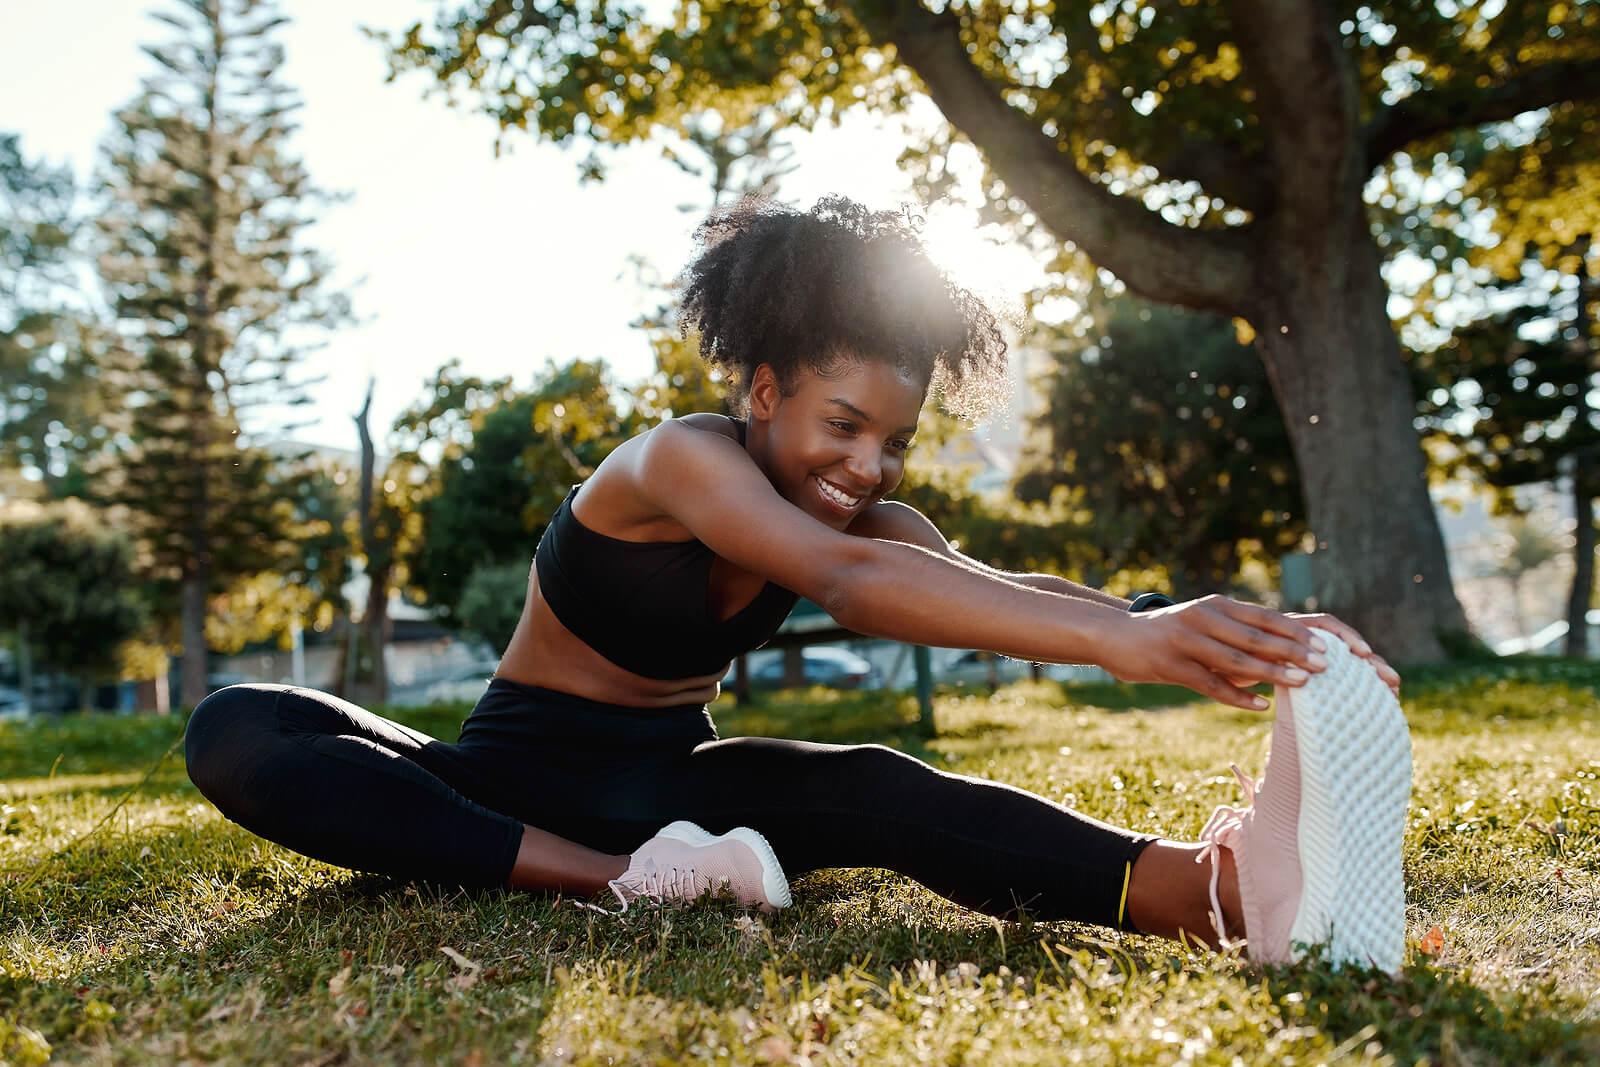 Mujer estira sus piernas antes de correr.